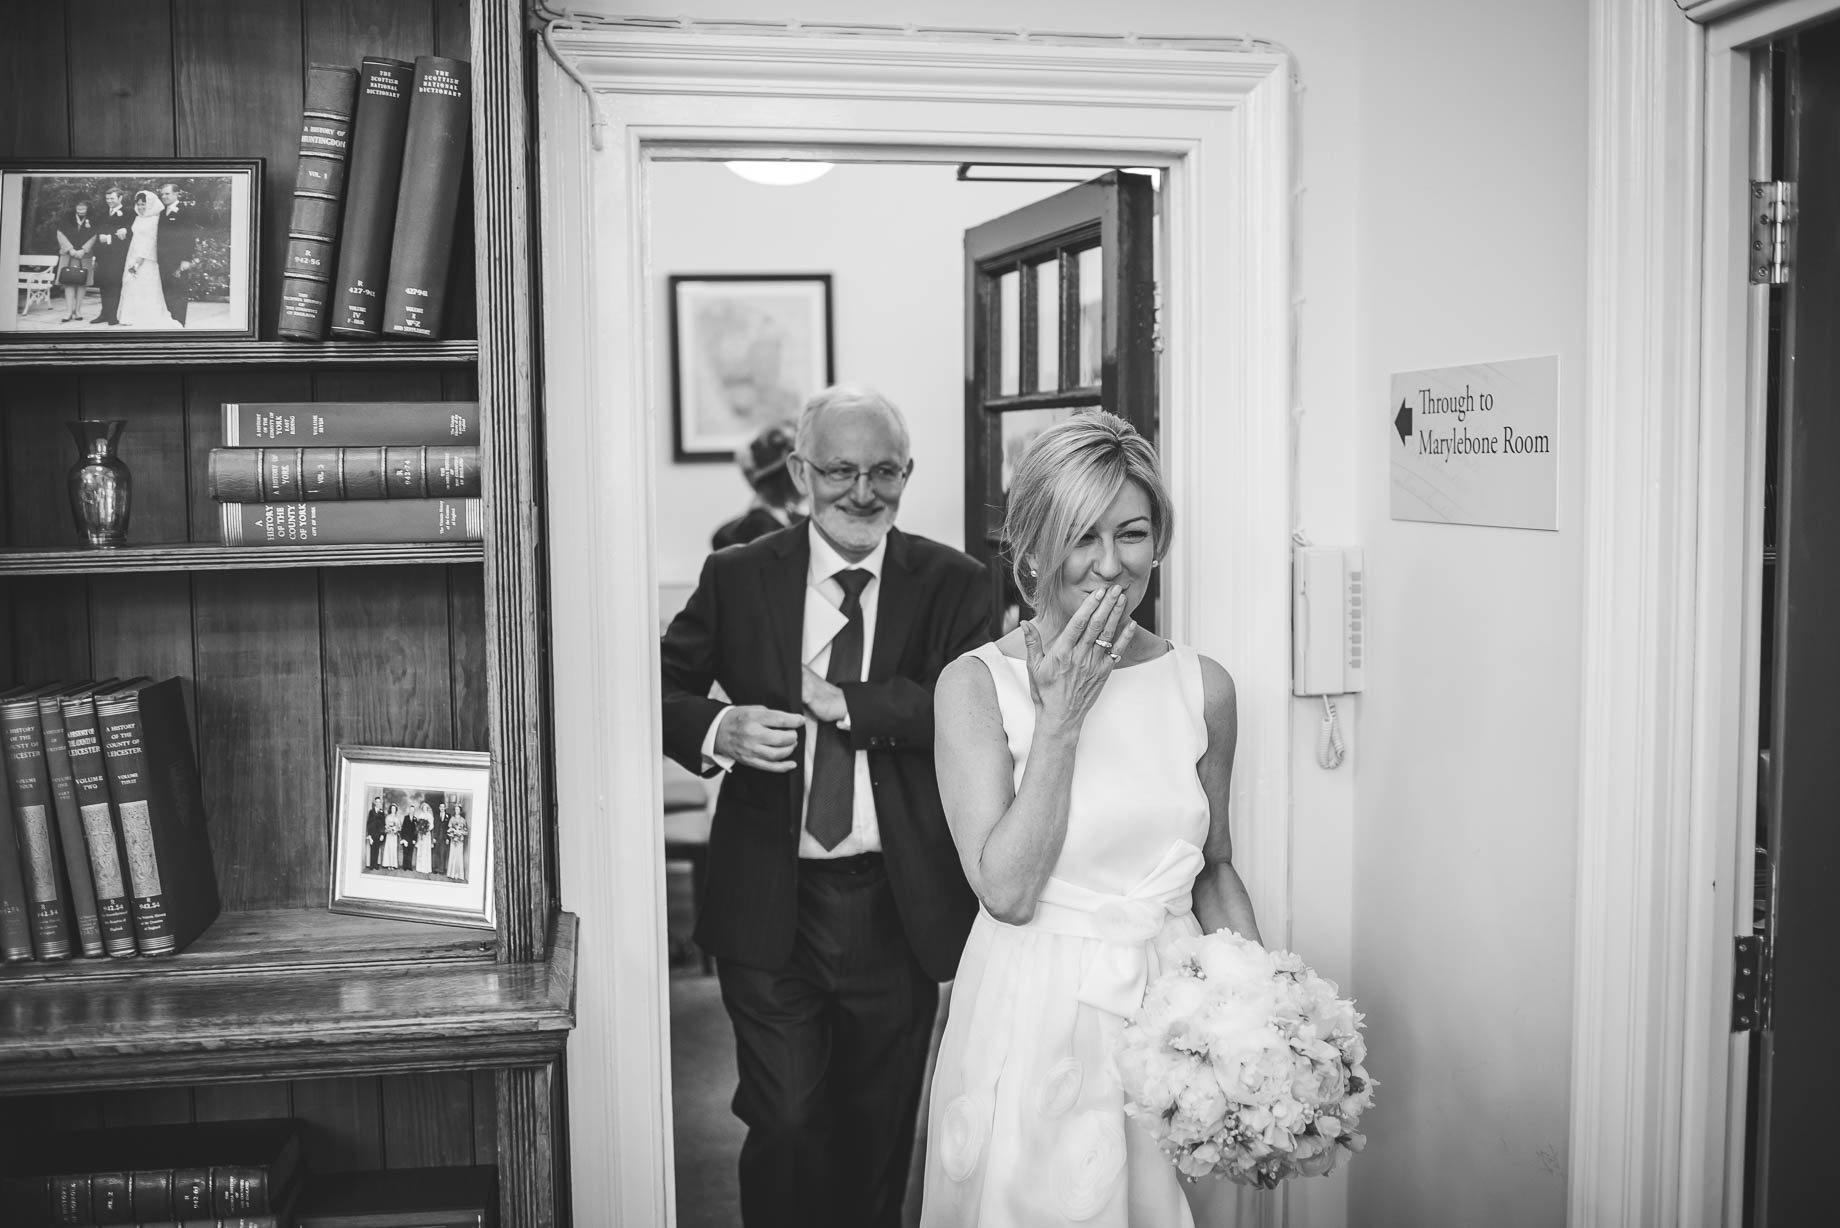 Mayfair wedding photography - Allison and Eugene (49 of 94)